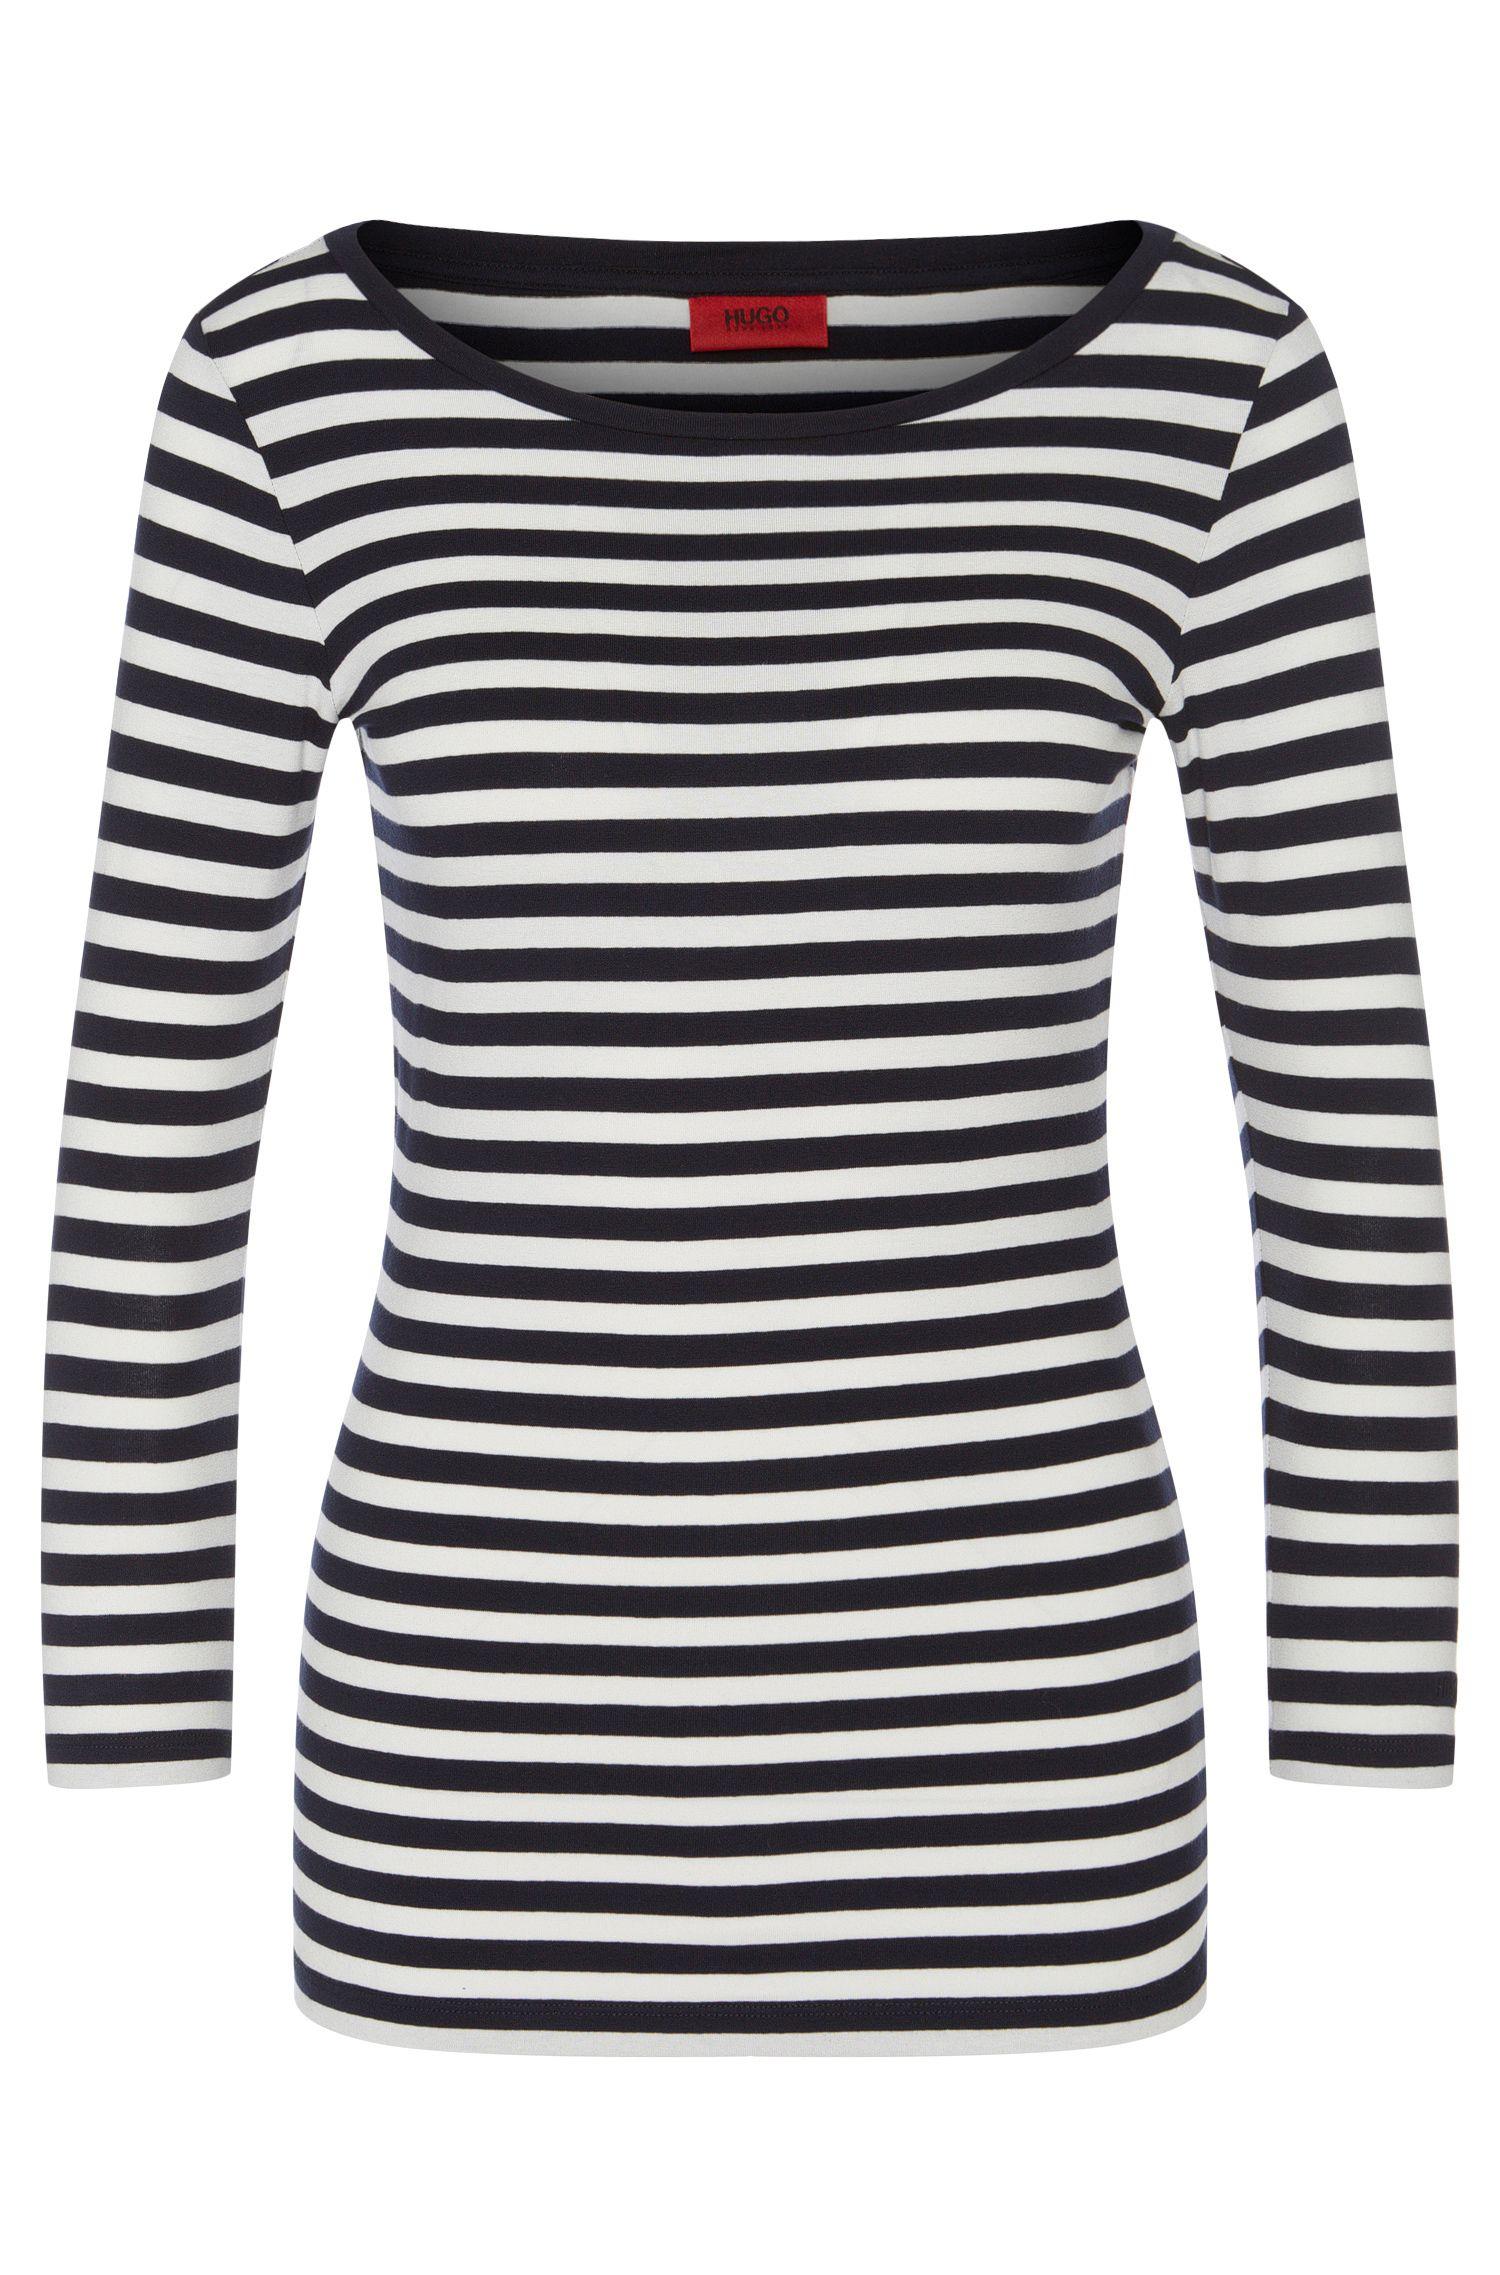 Slim-Fit T-Shirt aus Jersey mit Streifen und U-Boot-Ausschnitt von HUGO Woman